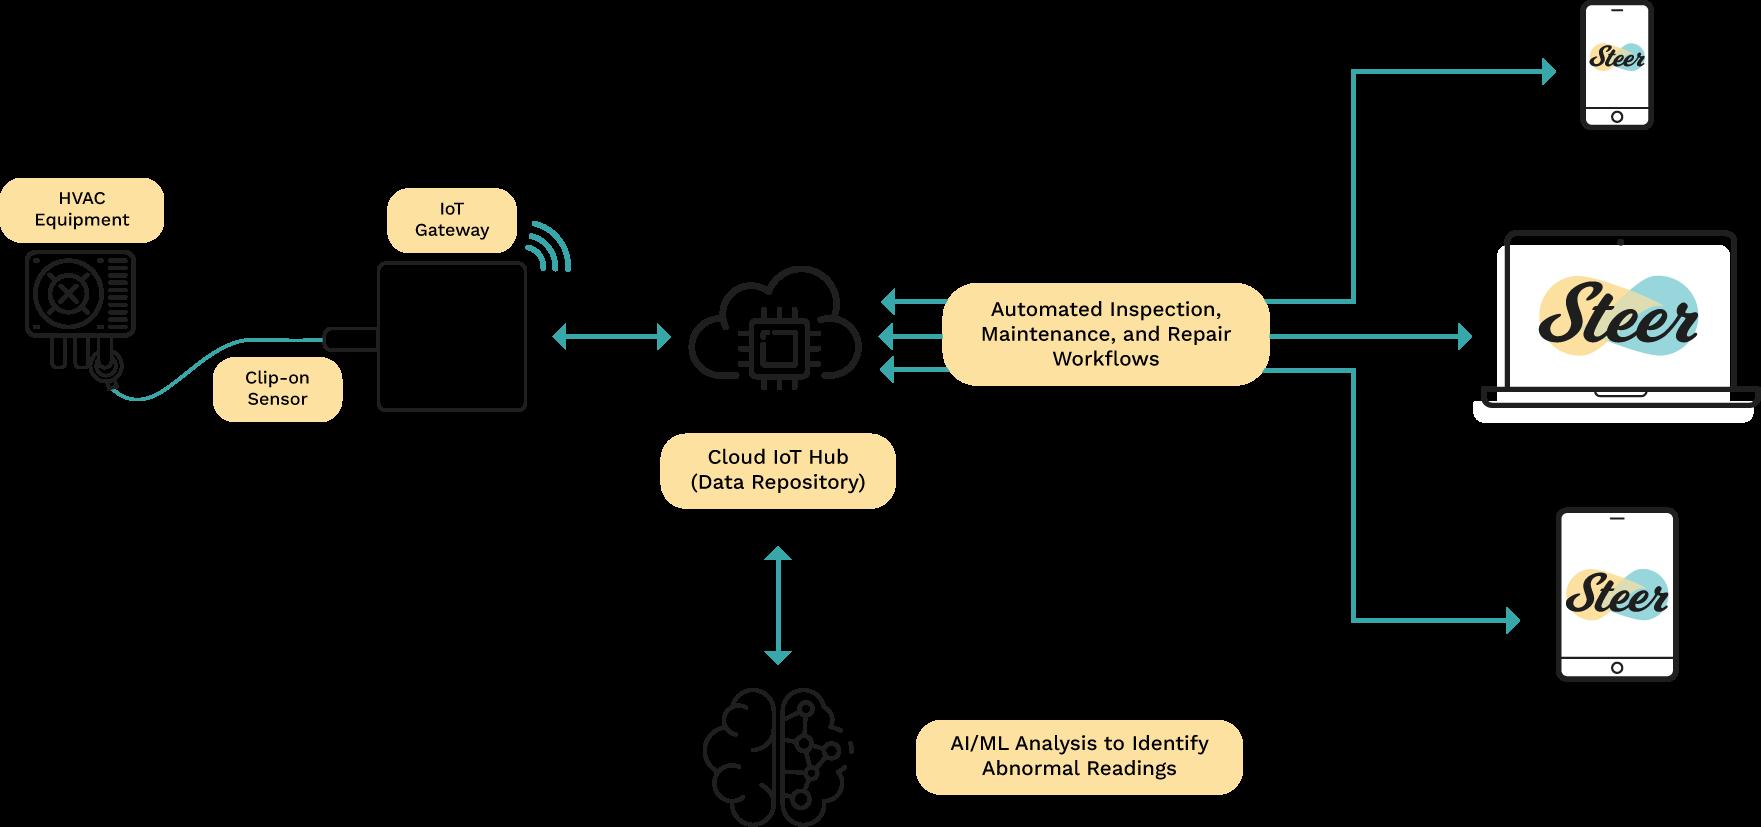 HVAC-IoT-Diagram-3